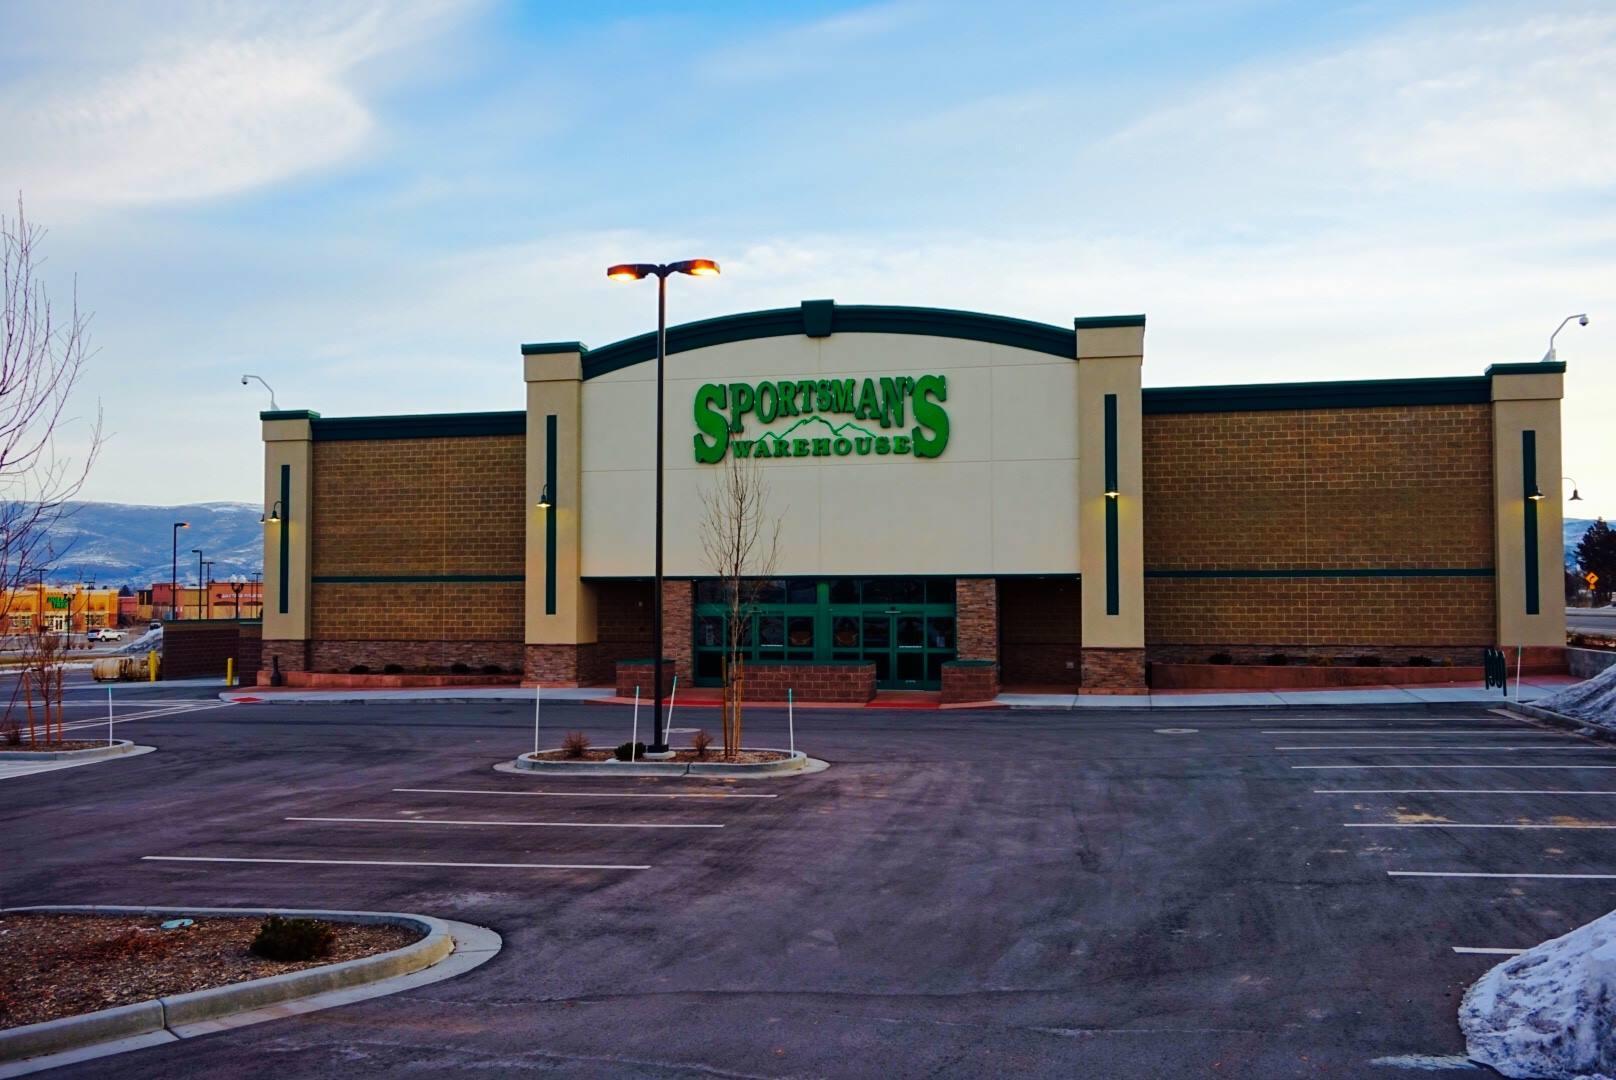 Sportsman S Warehouse 1276 S Us Highway 189 Heber City